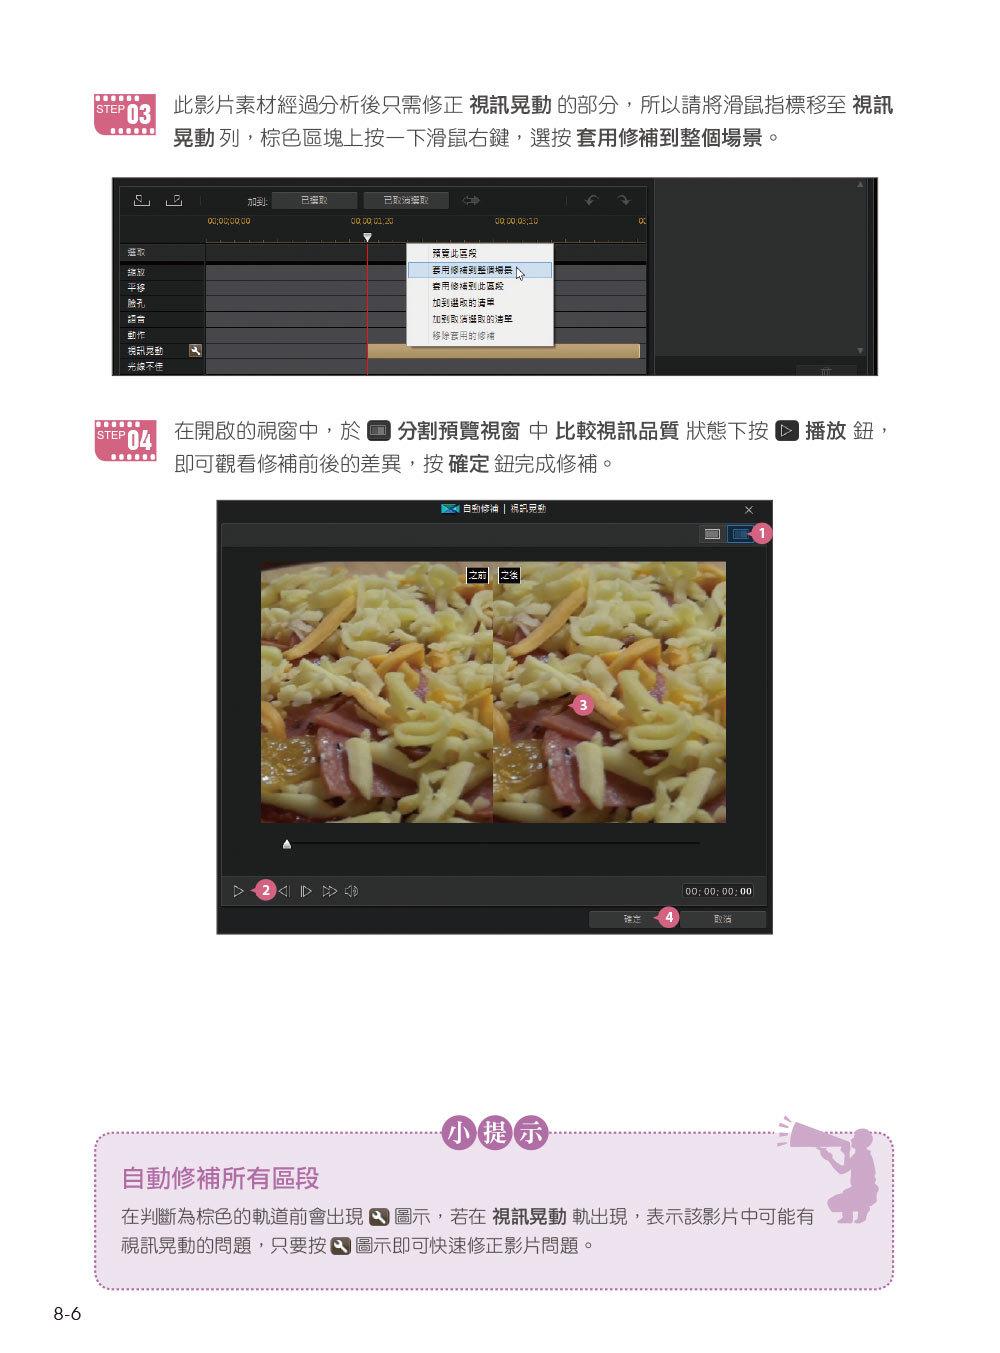 快快樂樂學威力導演15 - 影片/MV剪輯活用情報特蒐-preview-9